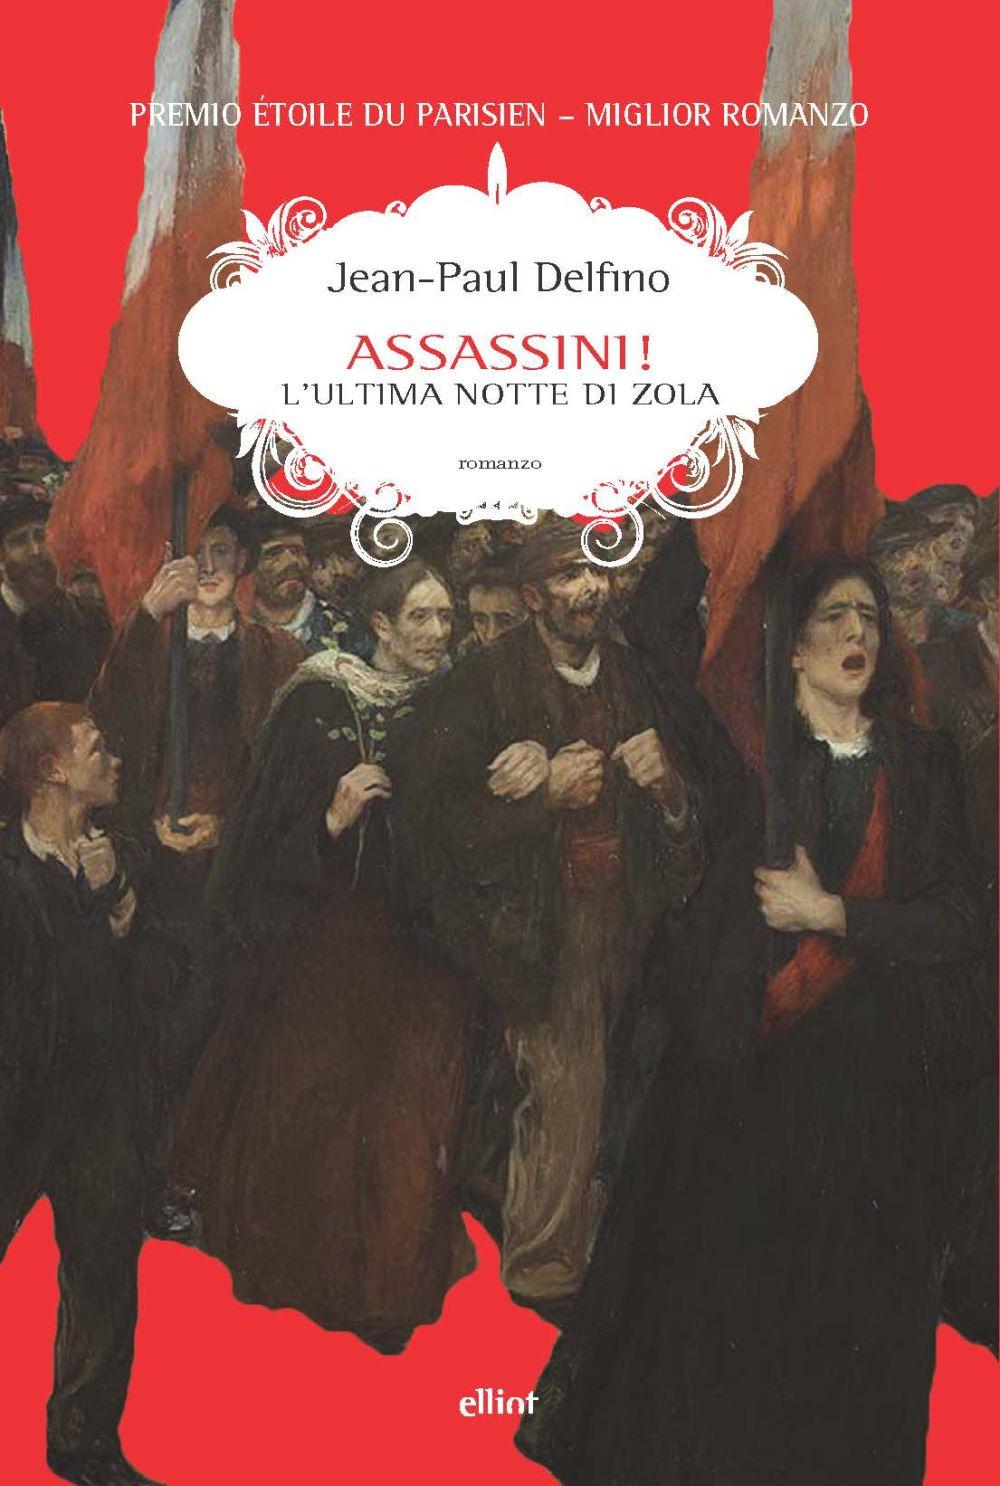 ASSASSINI! L'ULTIMA NOTTE DI ZOLA - Delfino Jean-Paul - 9788892760516